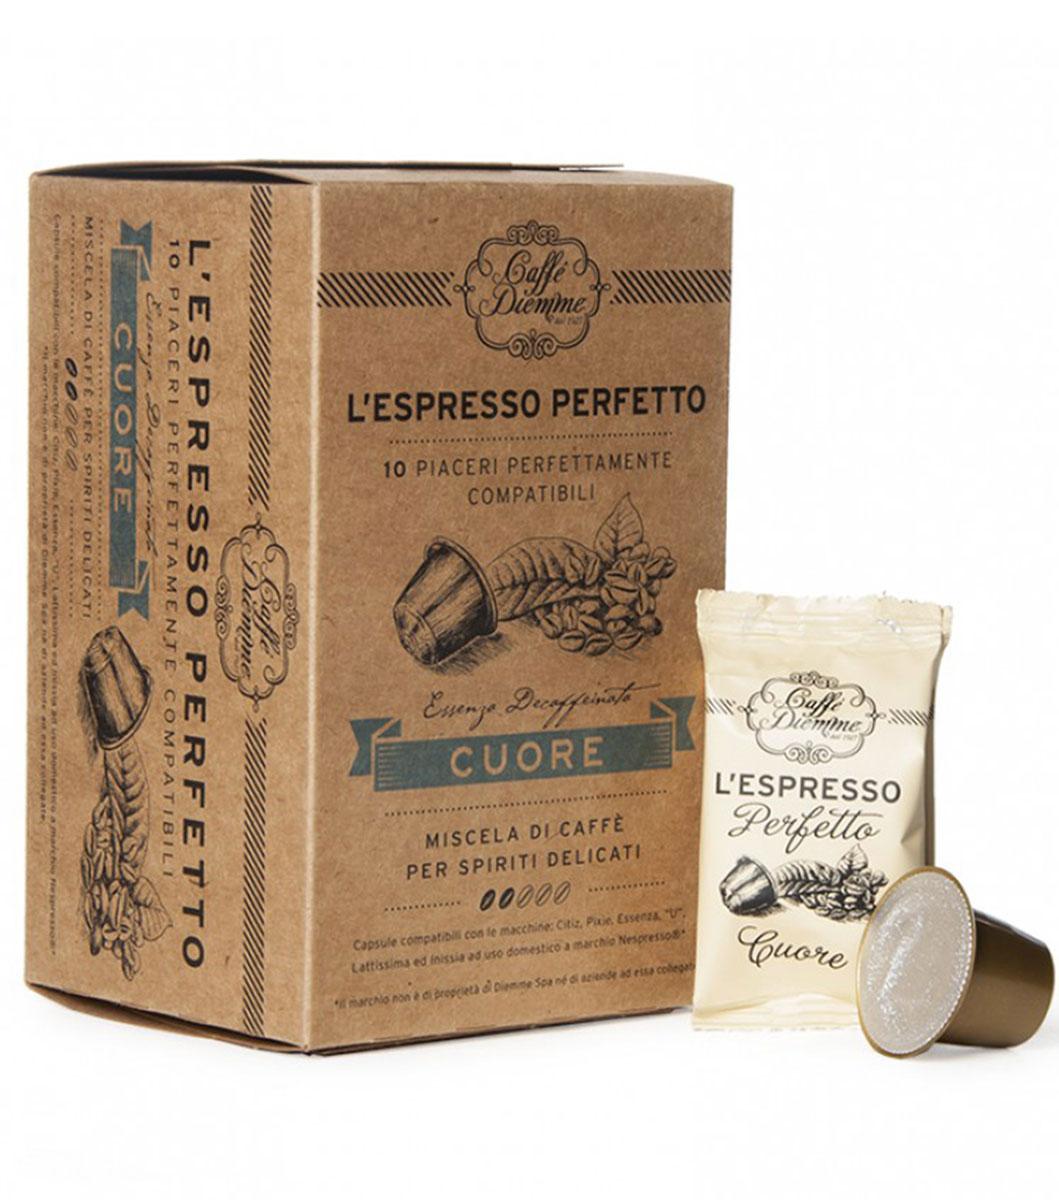 Diemme Caffe Cuore кофе в капсулах, 10 шт8003866001121Кофе в капсулах Diemme Caffe Cuore - кофе без кофеина от Diemme Caffe создан специально для тех, кто хочет насладиться восхитительным эспрессо, но при этом предпочитает декофеинированный кофе.